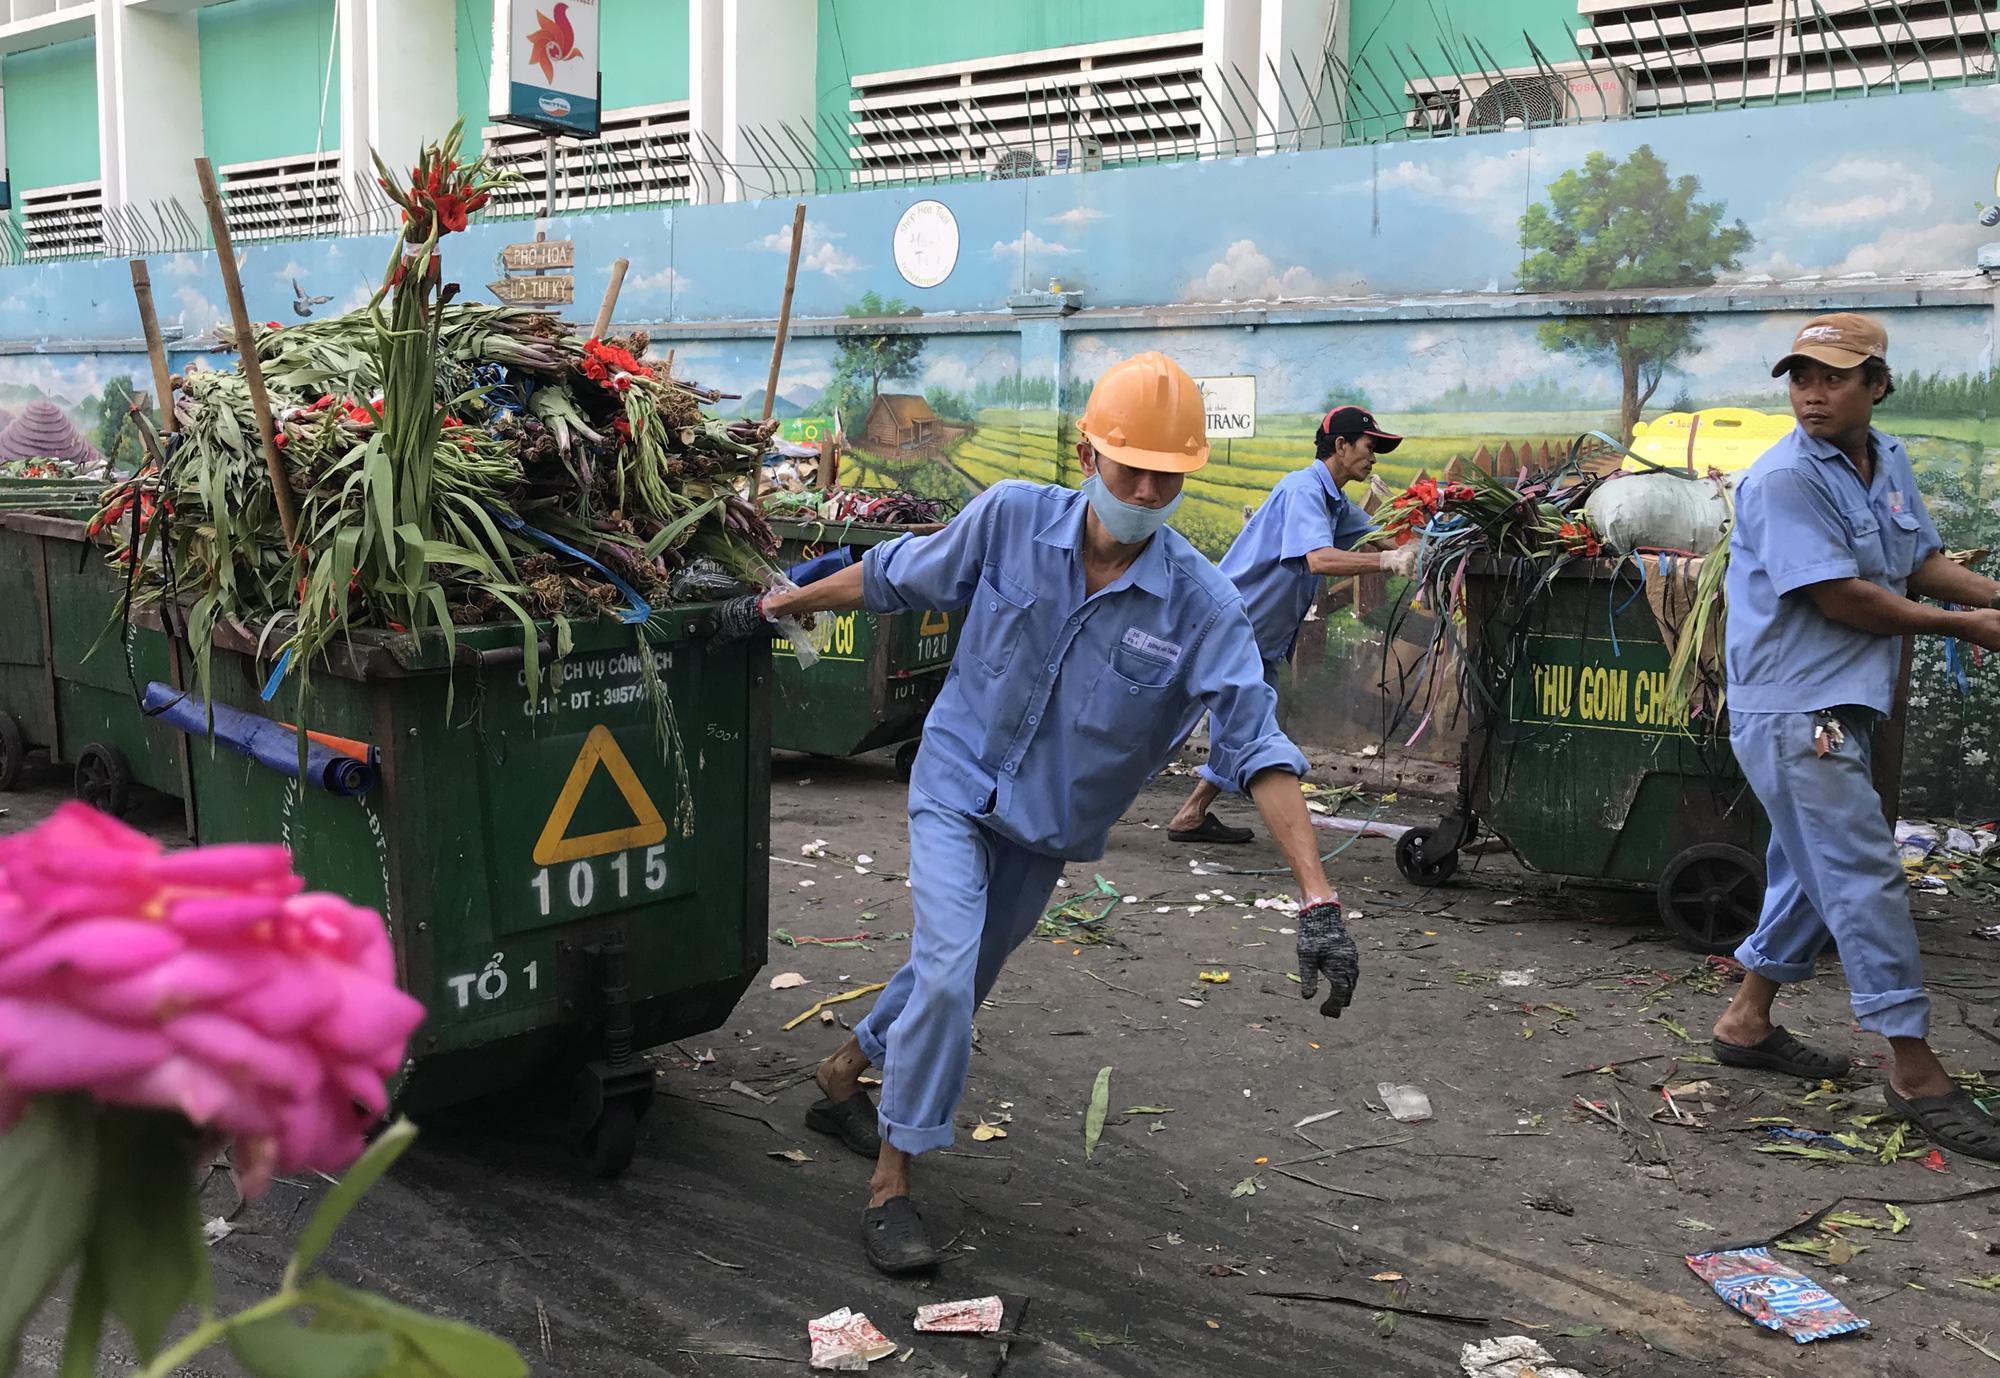 Hoa tươi tại 2 chợ hoa sỉ lớn nhất Sài Gòn chất đống lên xe rác trưa 30 Tết - Ảnh 5.